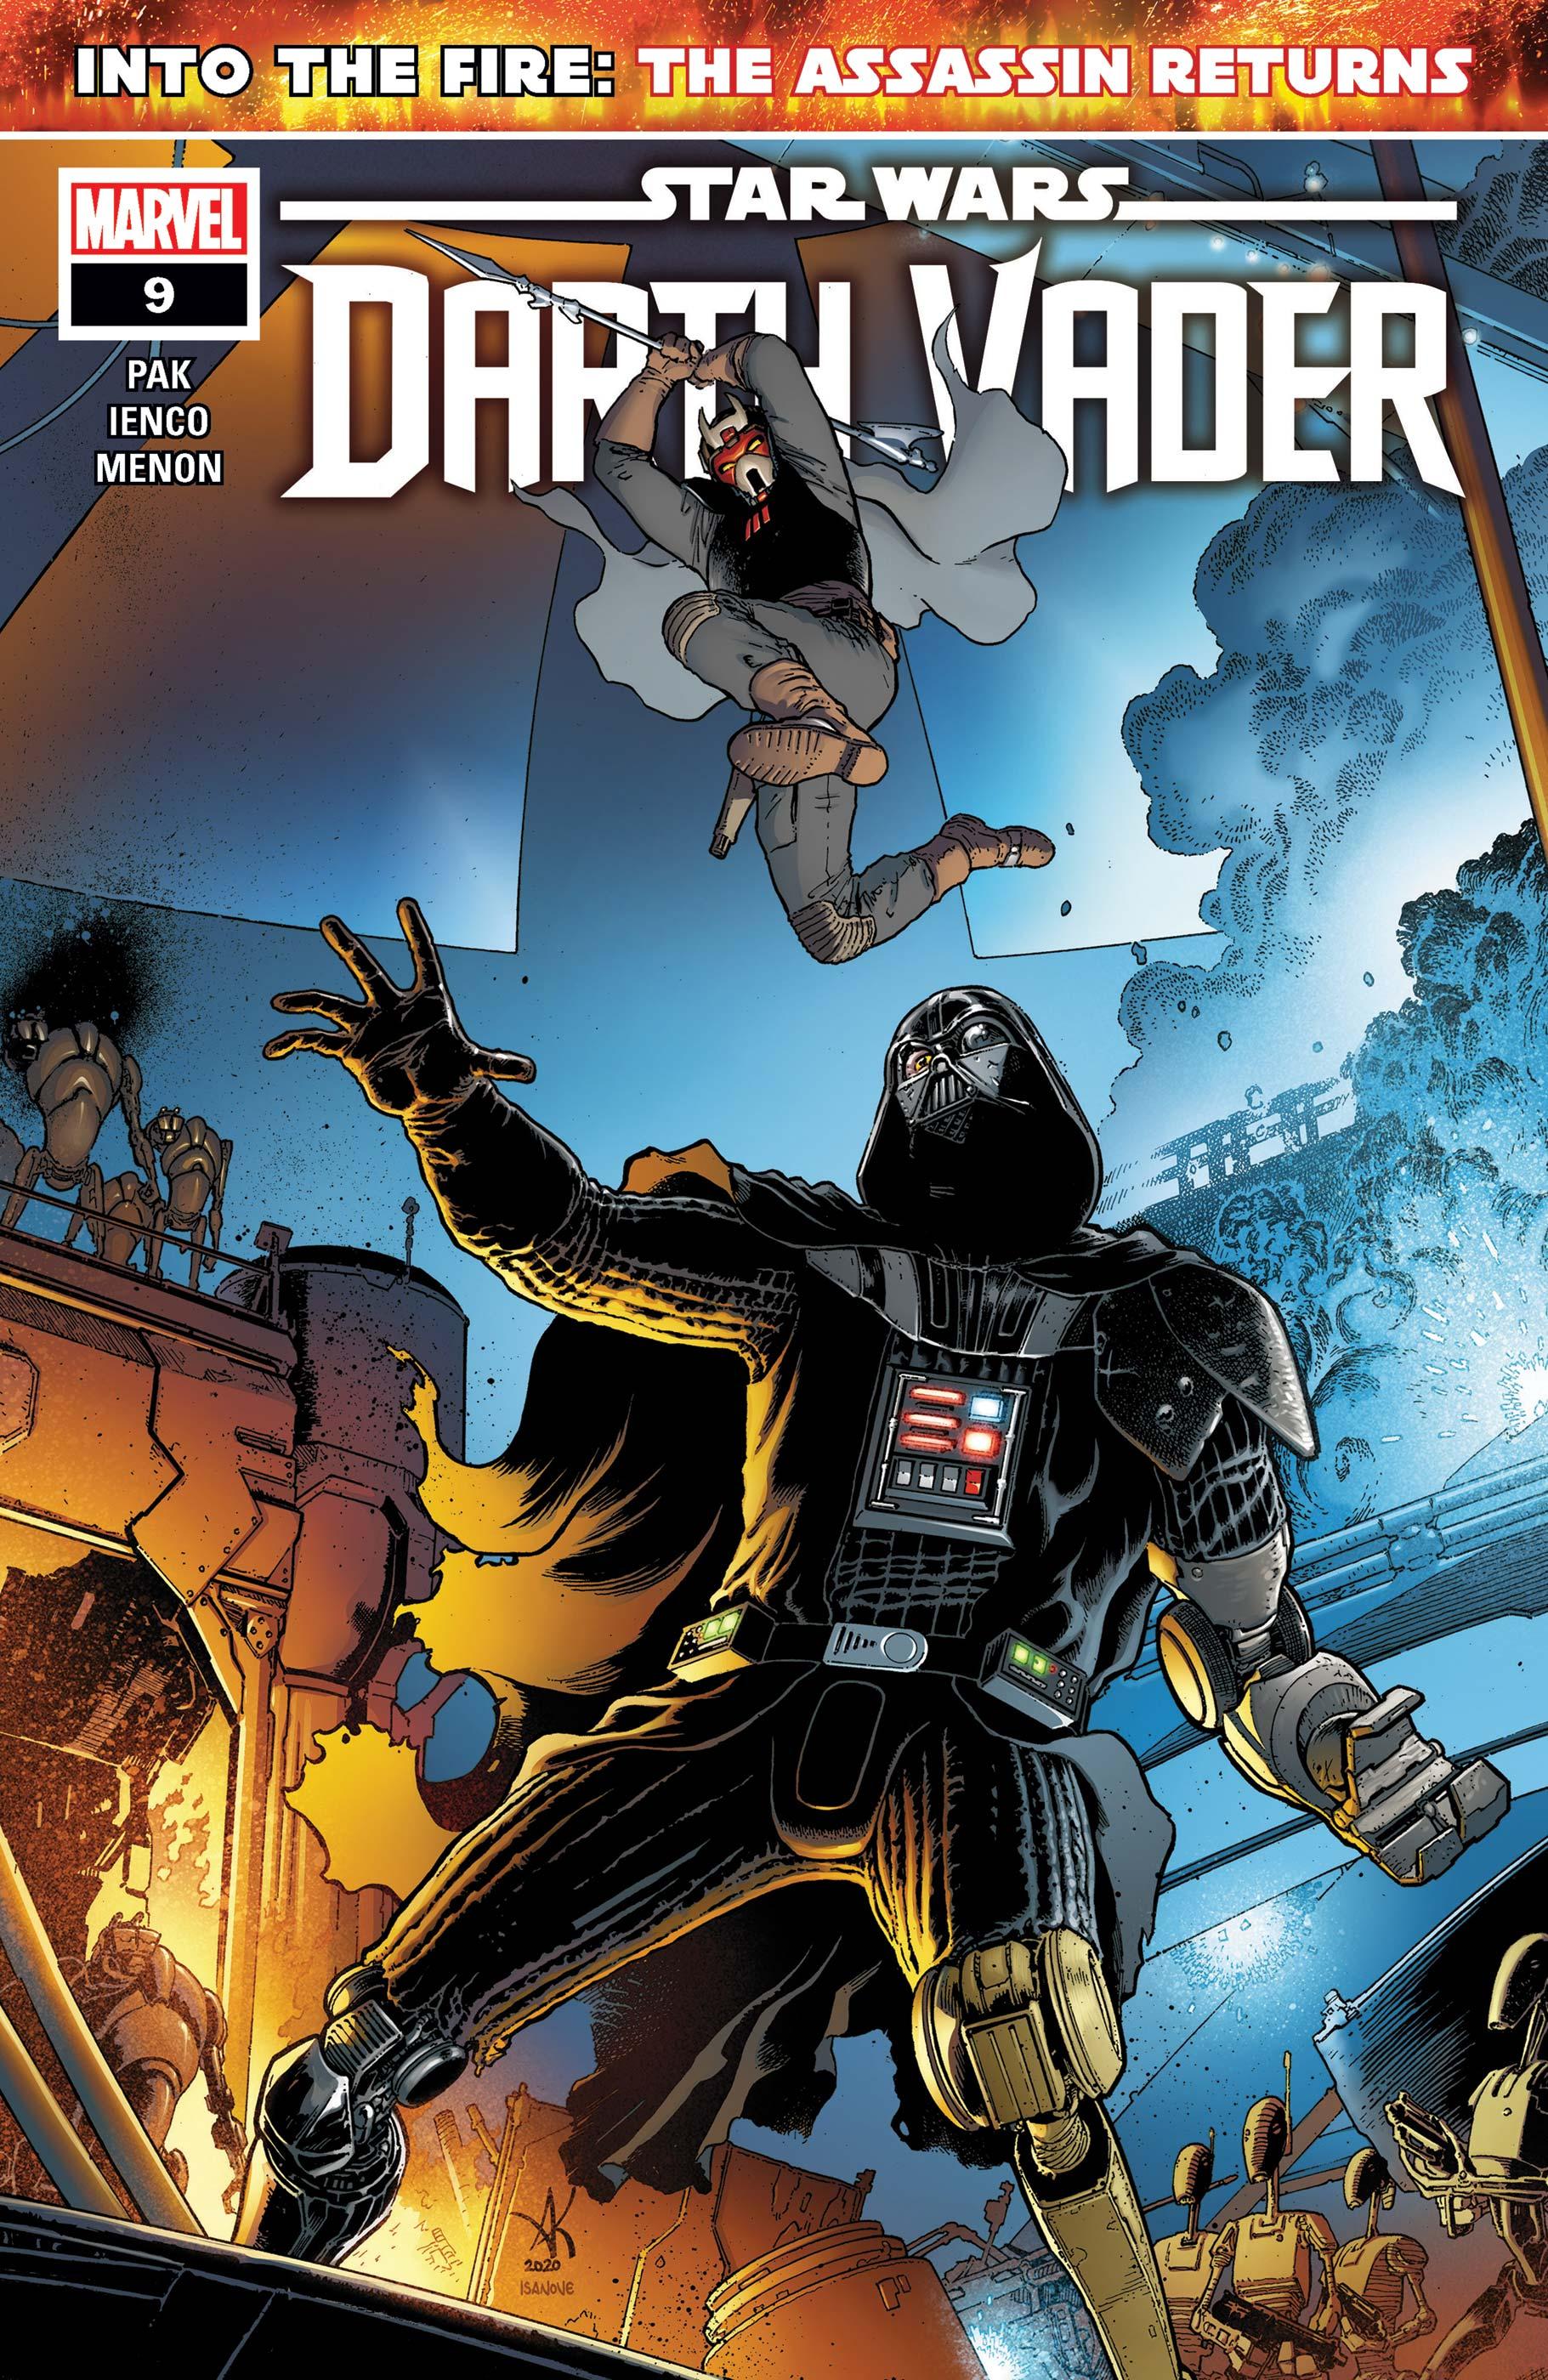 Star Wars: Darth Vader (2020) #9